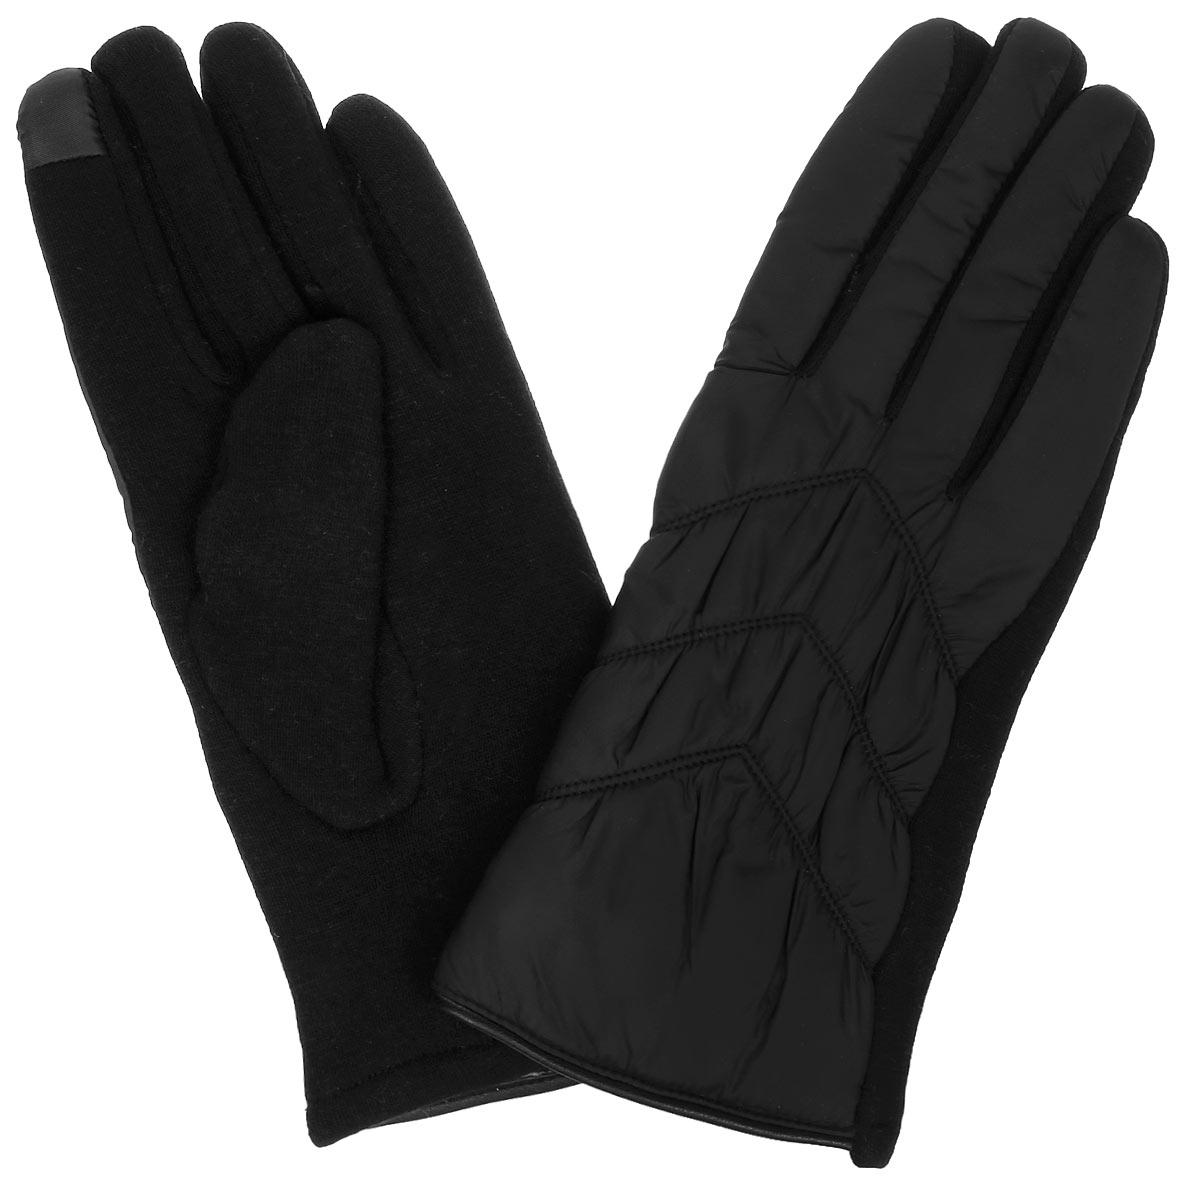 Перчатки женские Finn Flare, цвет: черный. A16-11304_200. Размер 7A16-11304_200Отличные женские перчатки Finn Flare выполнены из высококачественного материала. Внешняя сторона из болоньевого материала оформлена декоративной прострочкой. Ладонная сторона - из эластичного текстиля. Внутри - необыкновенно мягкий ворс.Такие перчатки обеспечат вам тепло и комфорт.